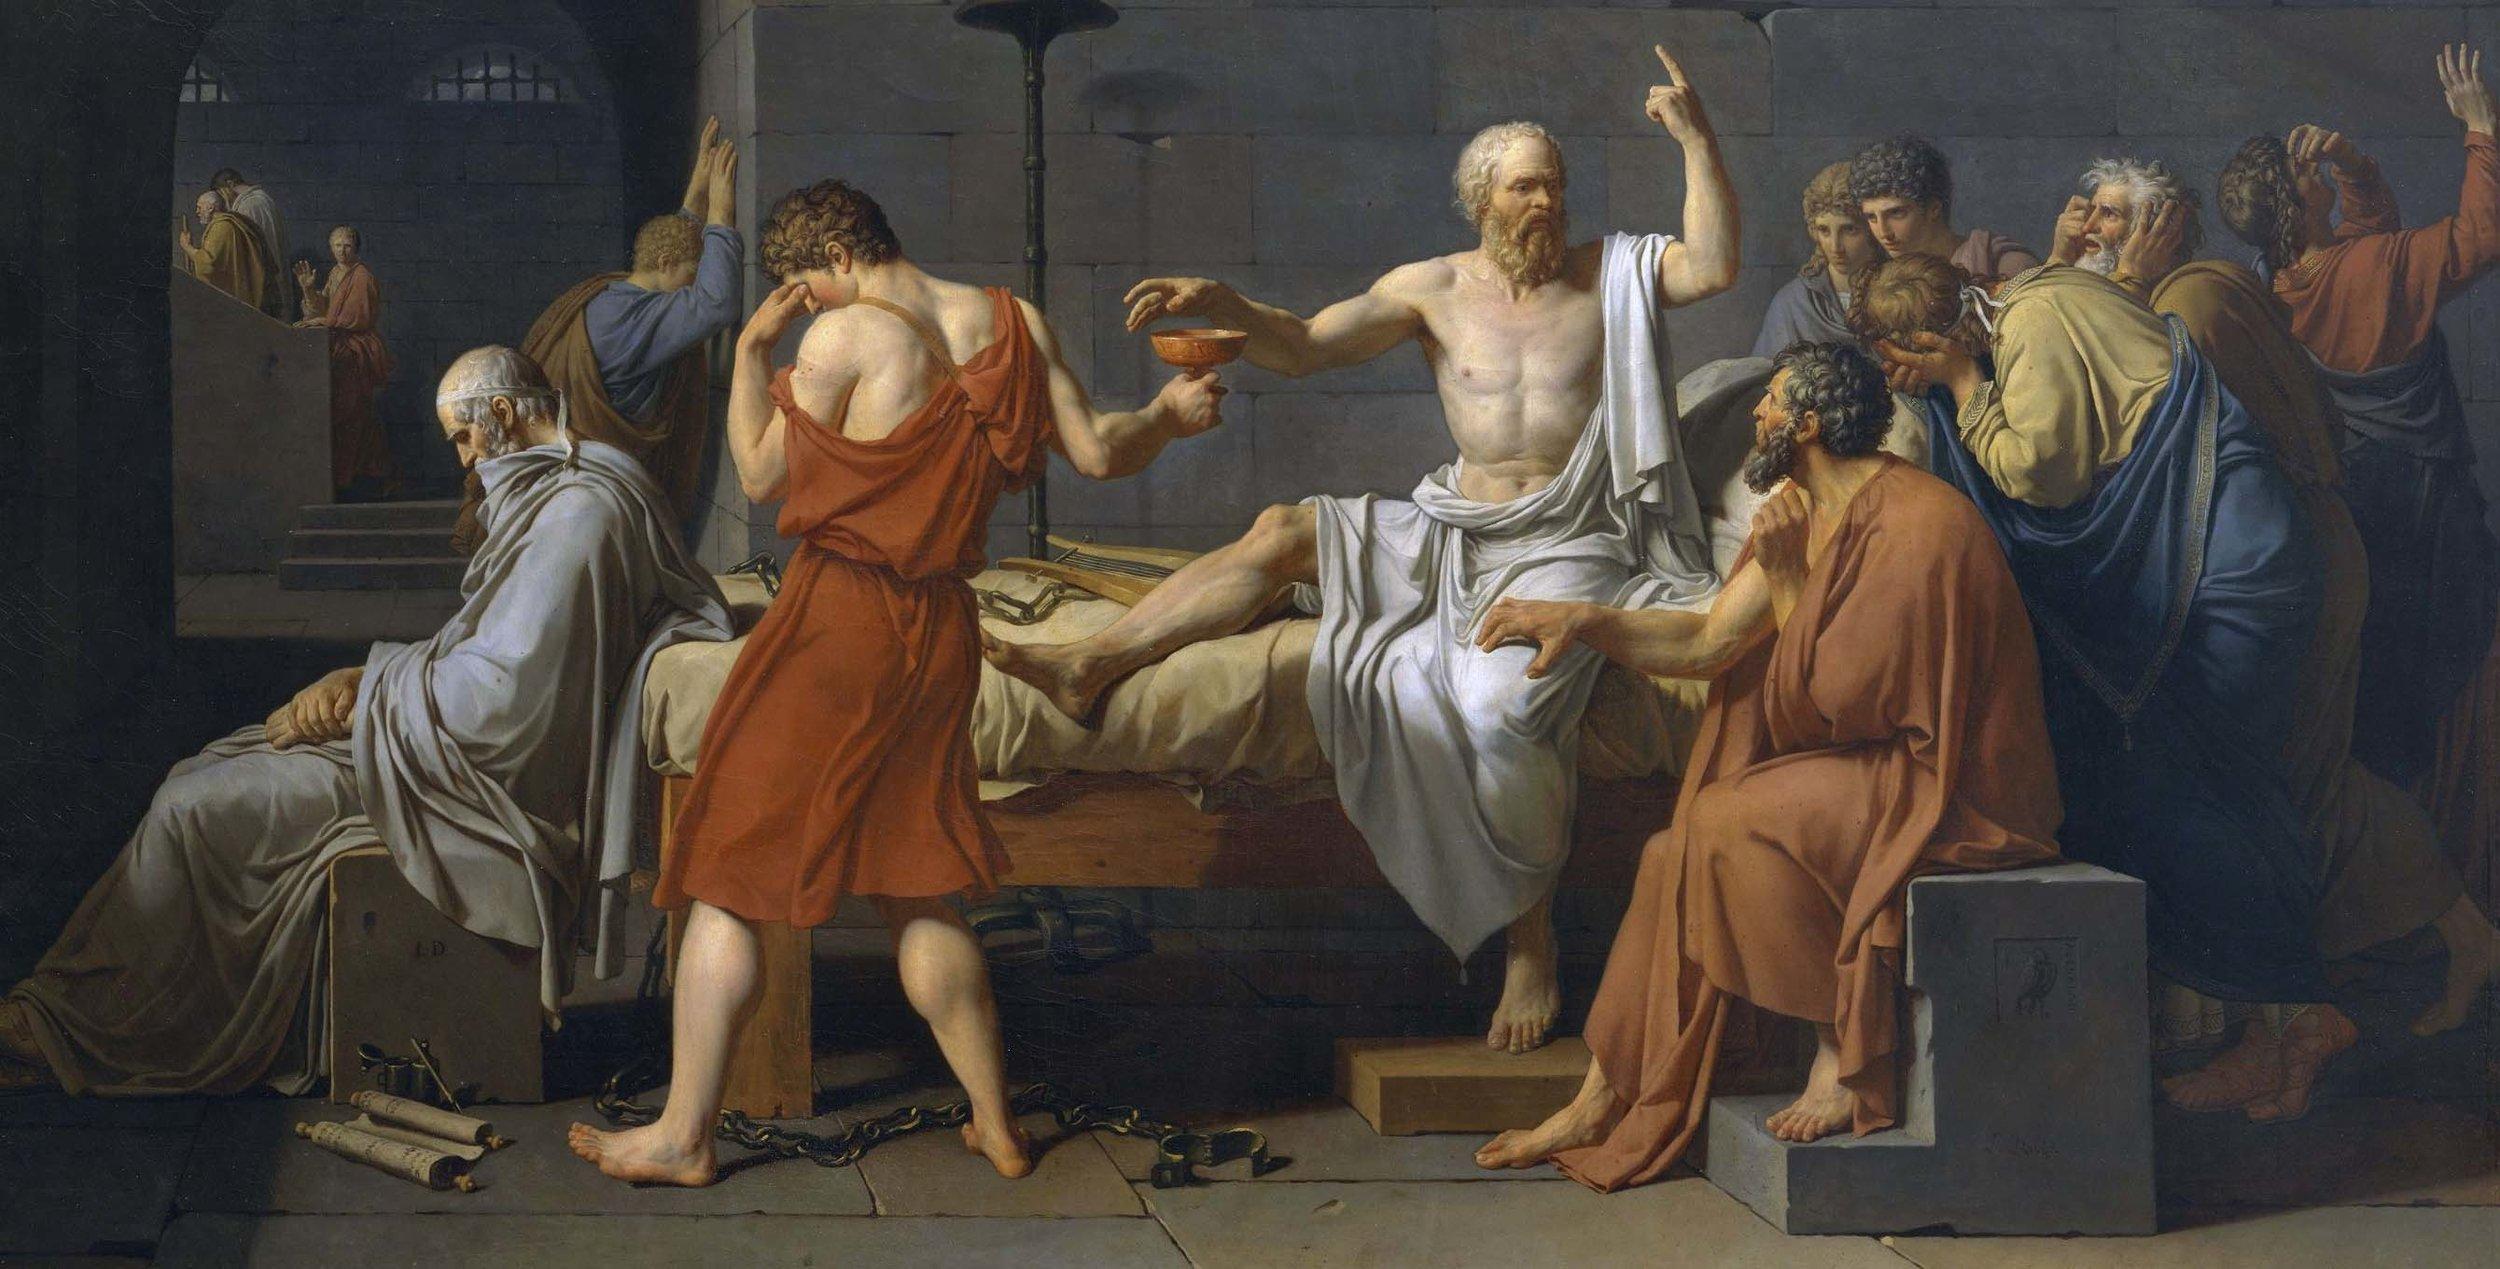 ¿Por qué Sócrates no temido morir en nombre de la verdad y a justicia?